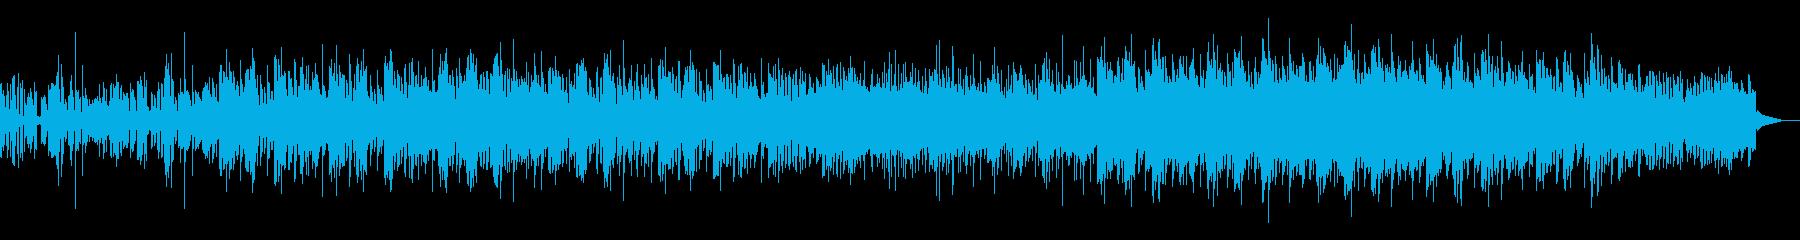 ダークで陰鬱なトリップホップの再生済みの波形